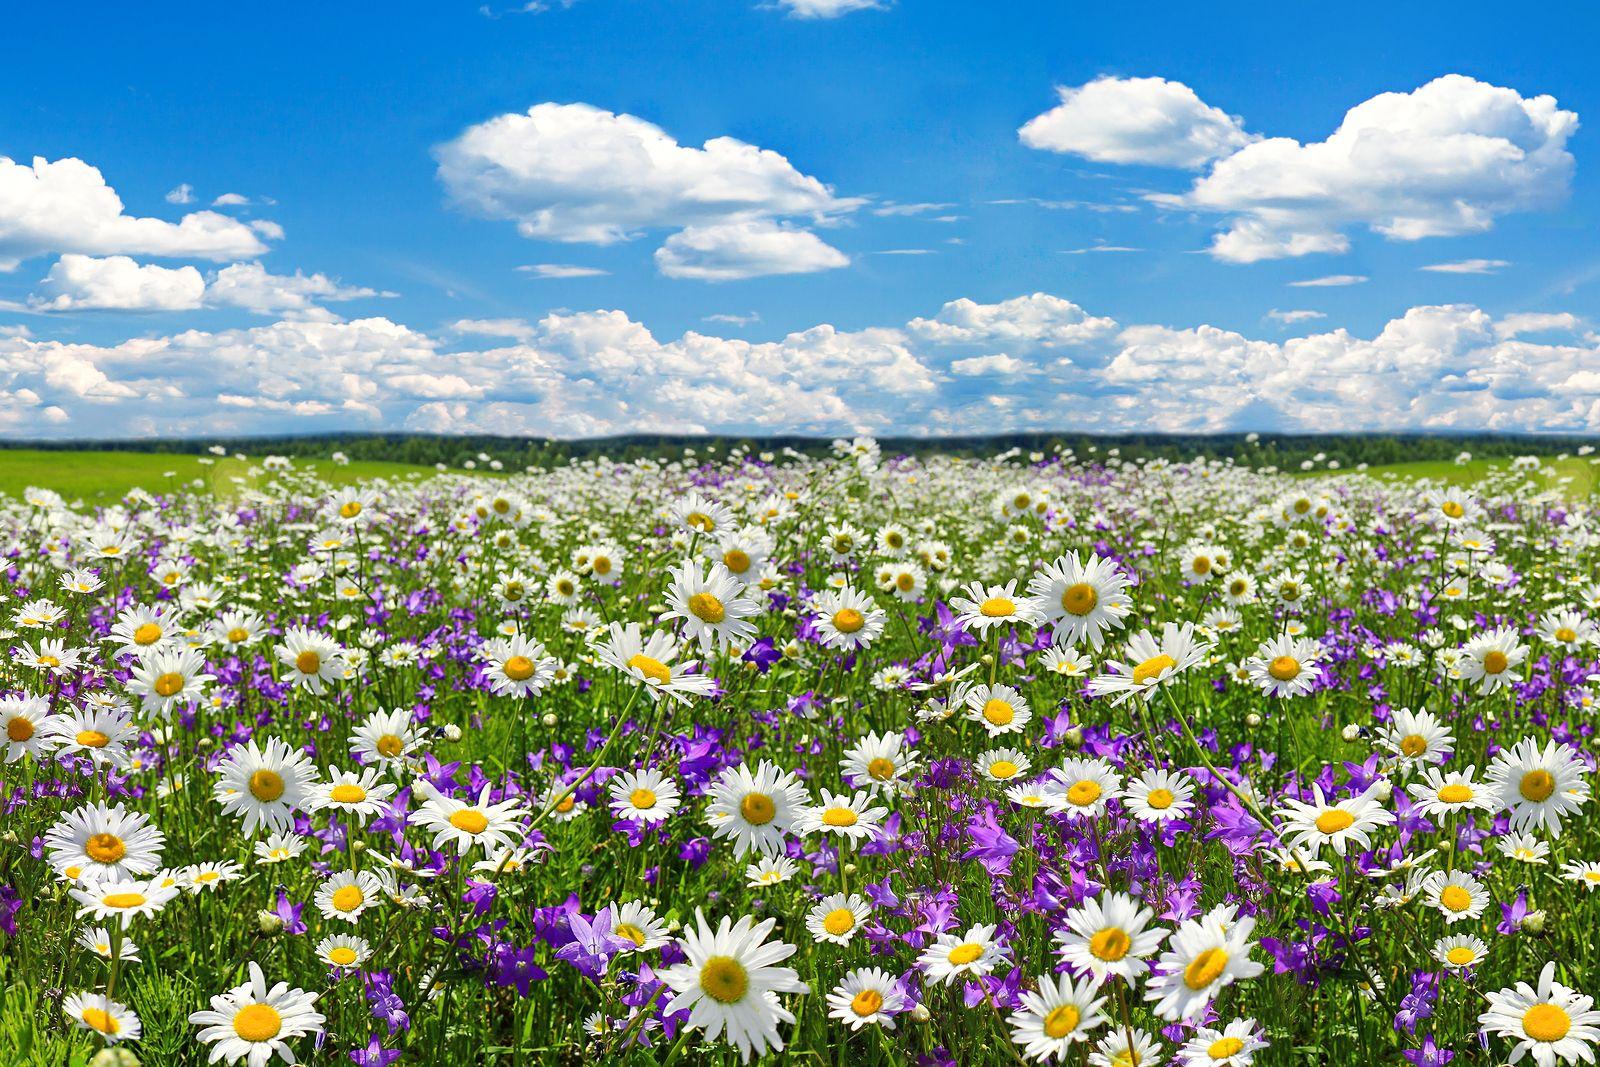 https://www.lavozdeltajo.com/fotos/49/efectos-psicologicos-y-para-la-salud-de-la-primavera-en-las-personas-mayores.jpeg